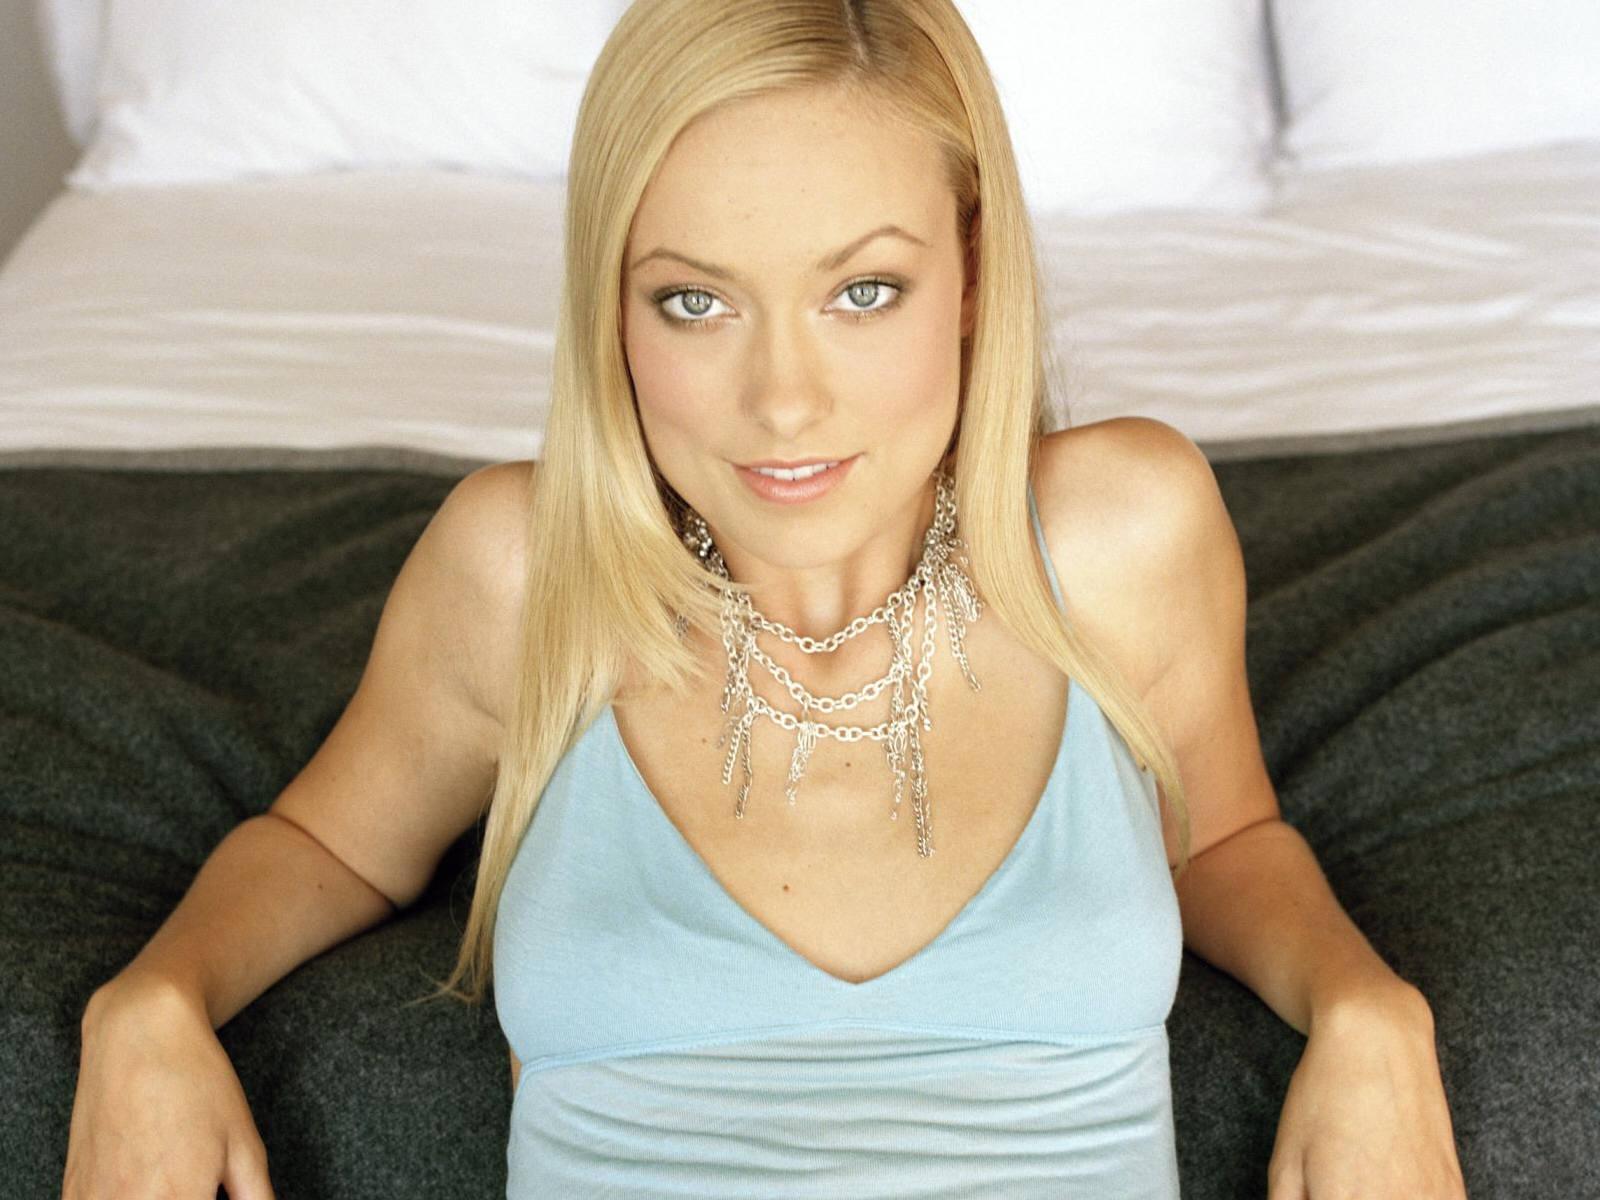 http://2.bp.blogspot.com/_Si7zjQmZnm4/Syp2DpM3lCI/AAAAAAAAGDM/AVAW8PMyXAI/s1600/Fullwalls.blogspot.com_Olivia_Wilde(55).jpg